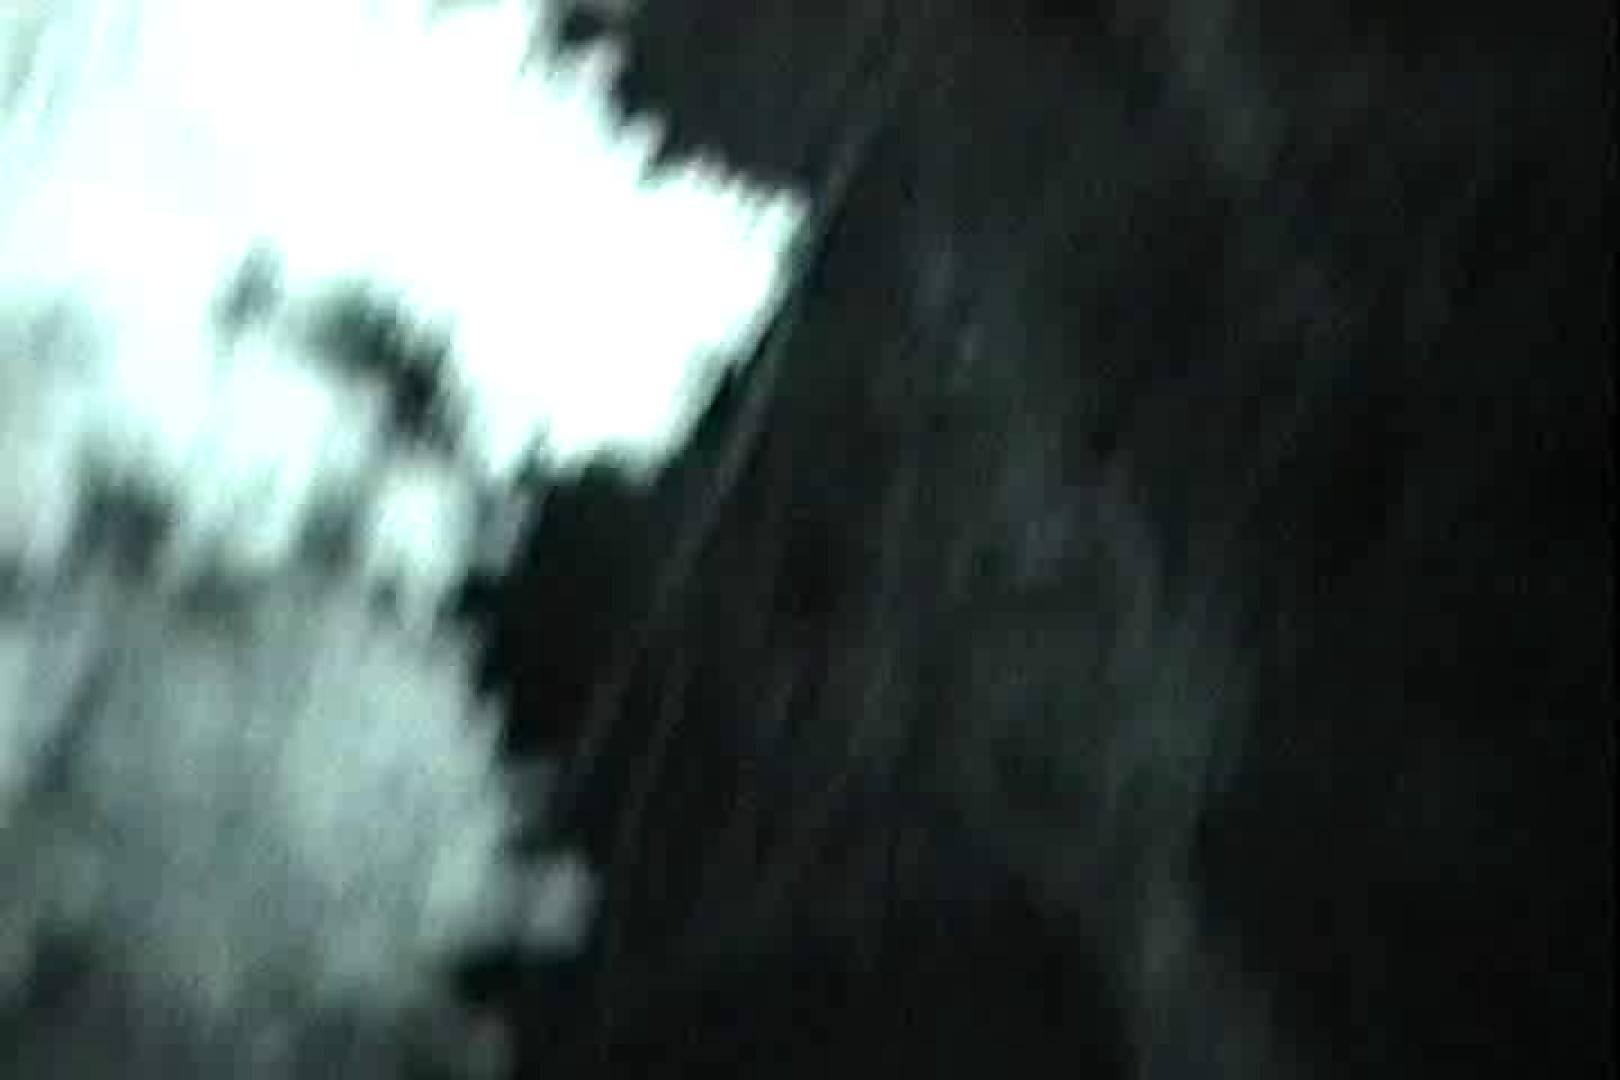 充血監督の深夜の運動会Vol.14 OLセックス 盗撮オマンコ無修正動画無料 103画像 20